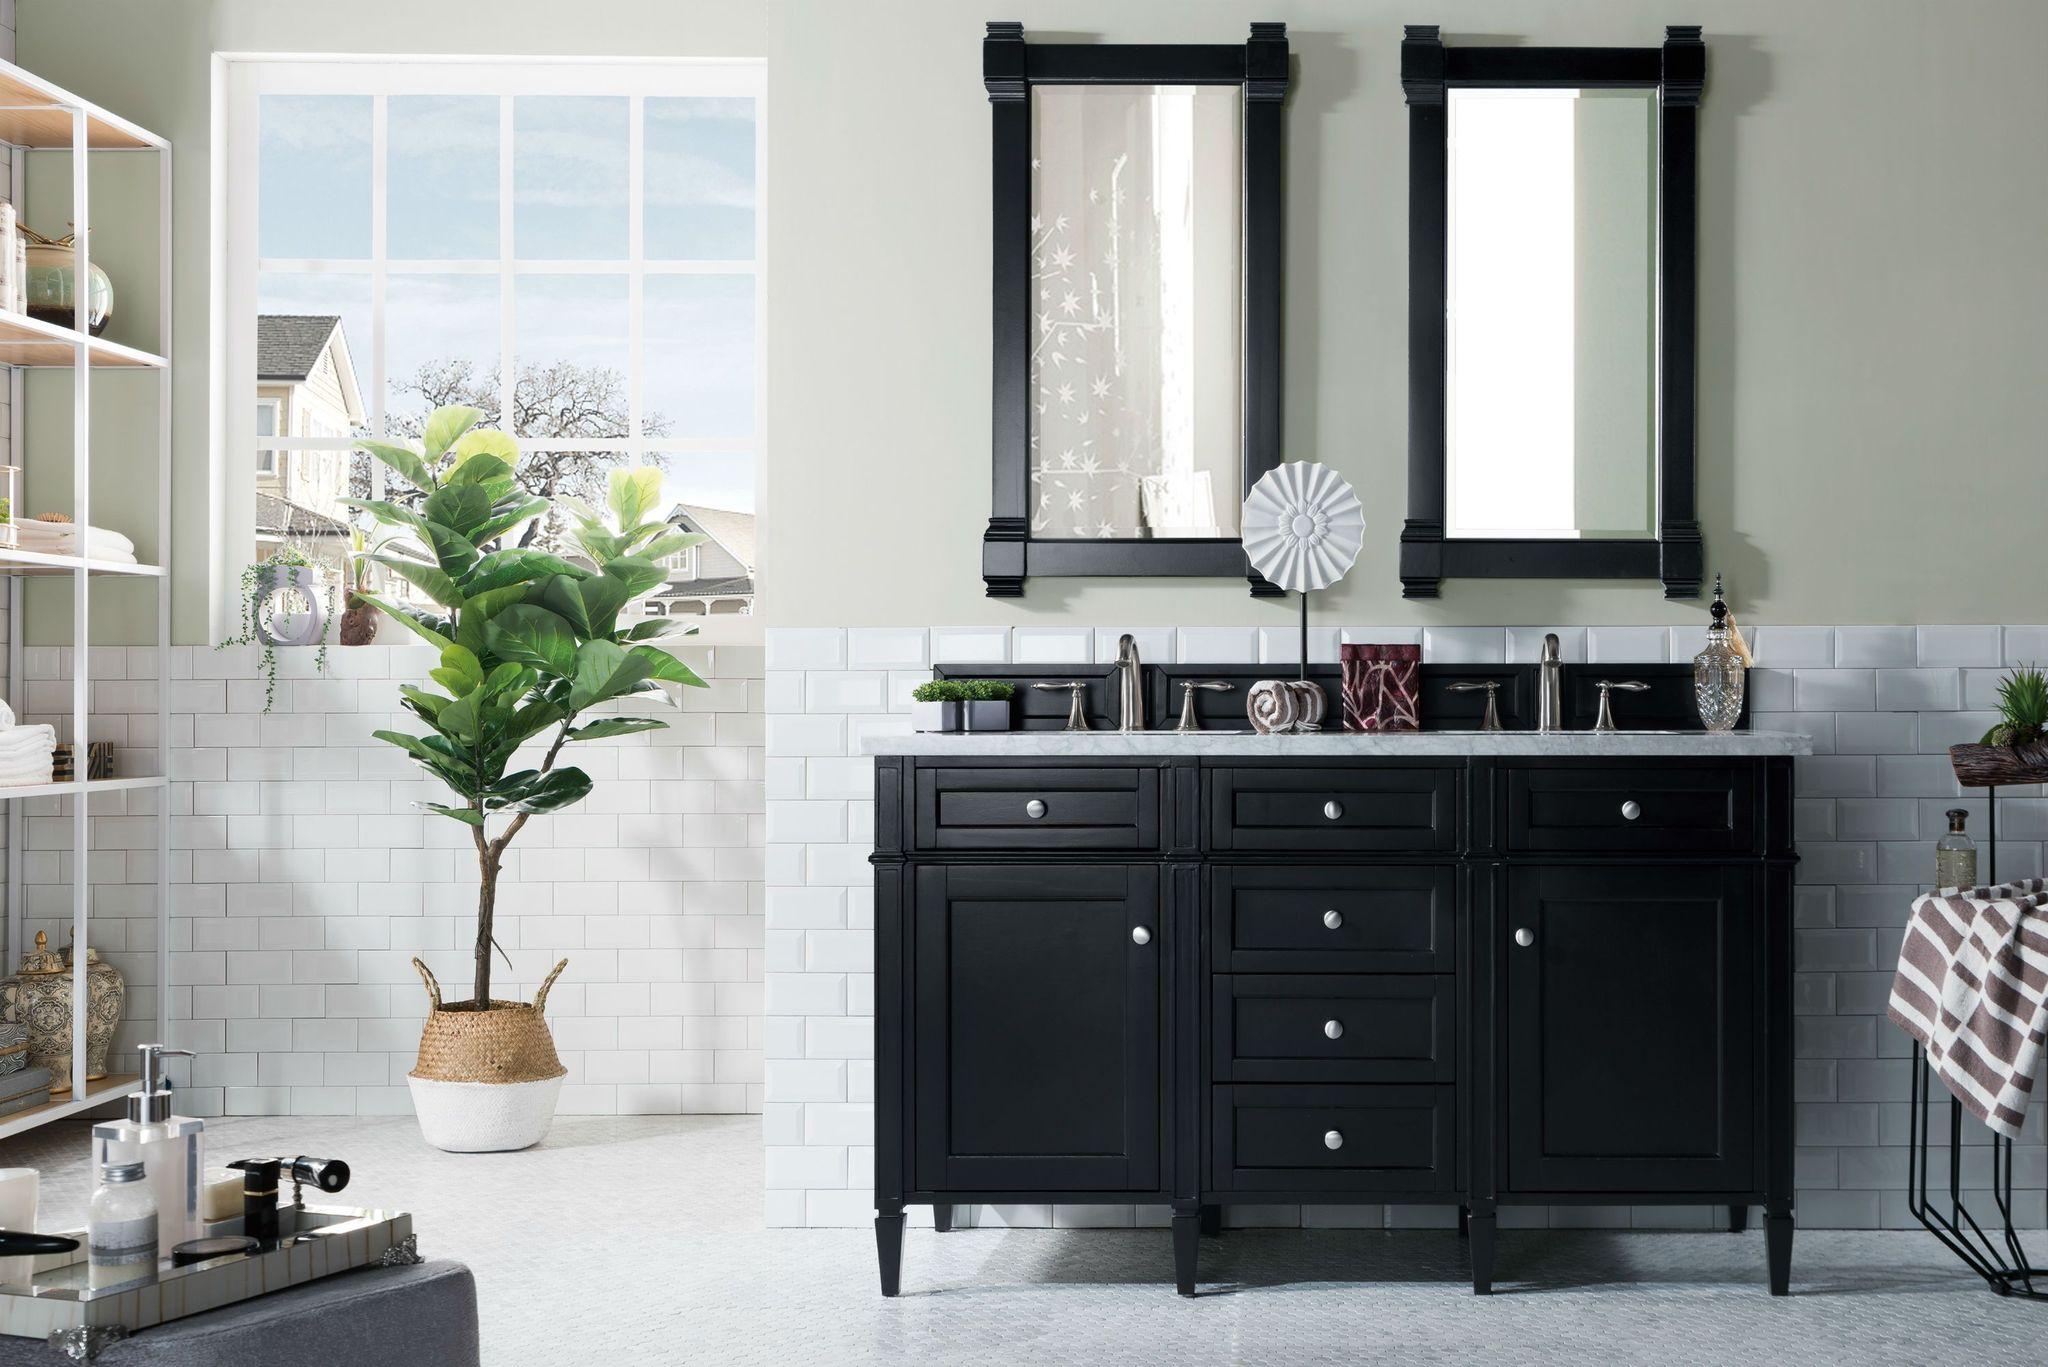 Dunwoody Bathroom Remodeling - Remodel Republic